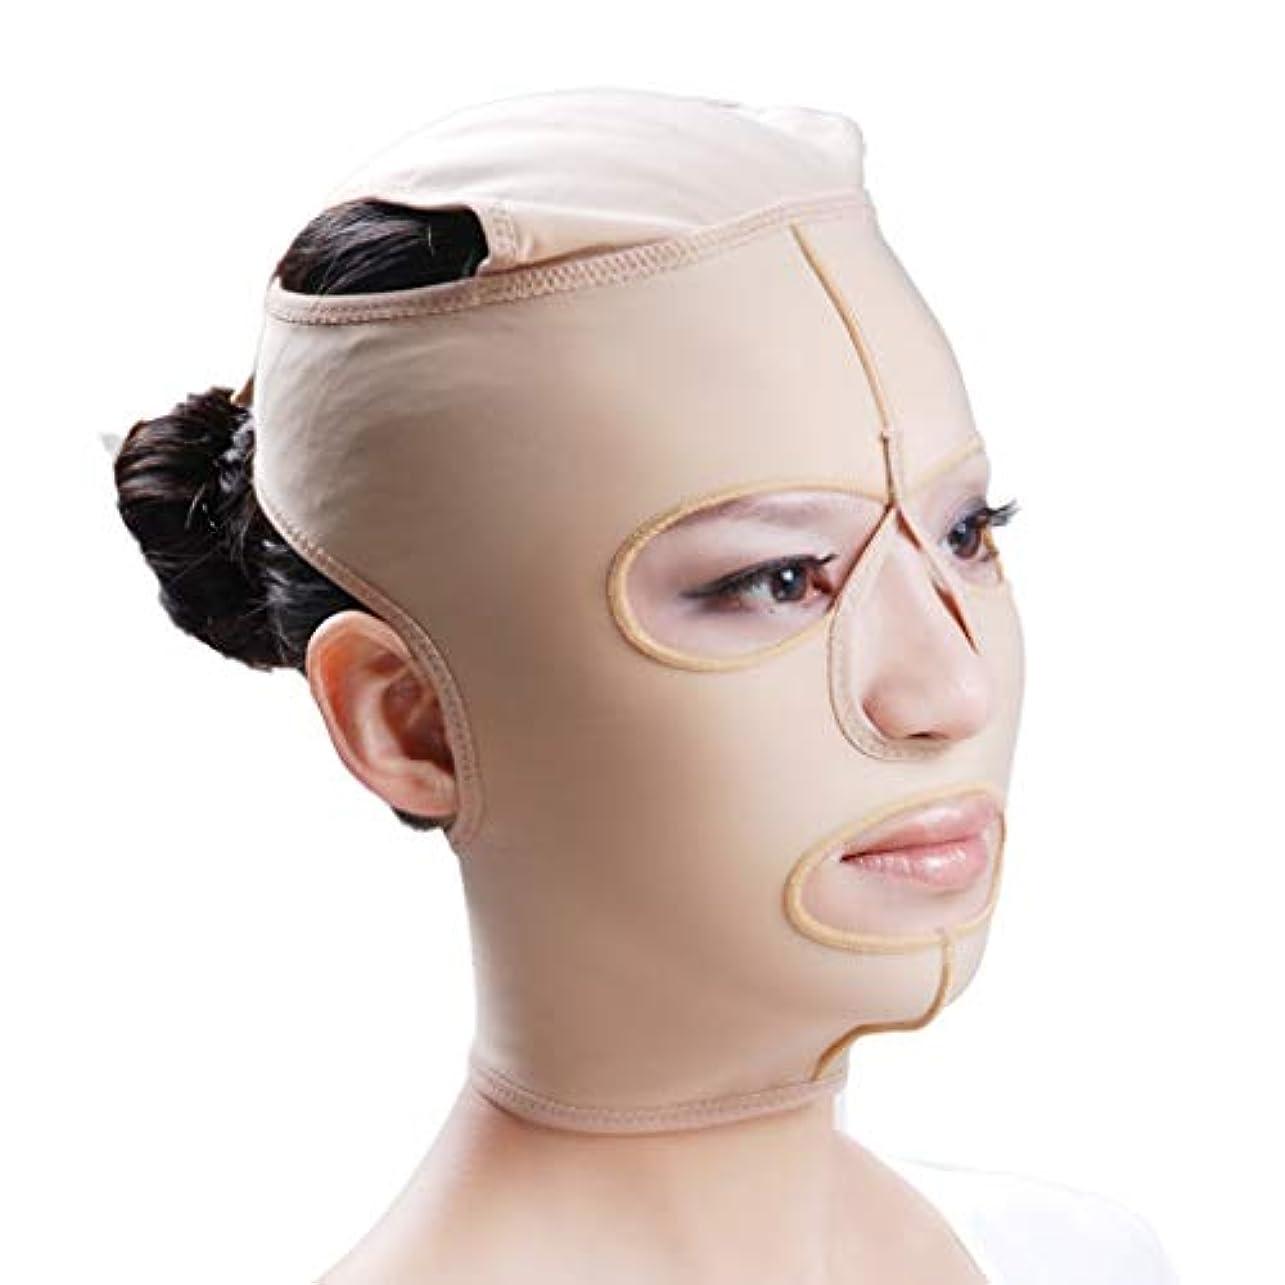 国民がんばり続ける人生を作るXHLMRMJ フェイスリフトマスク、フルフェイスマスク医療グレード圧力フェイスダブルチンプラスチック脂肪吸引術弾性包帯ヘッドギア後の顔の脂肪吸引術 (Size : M)